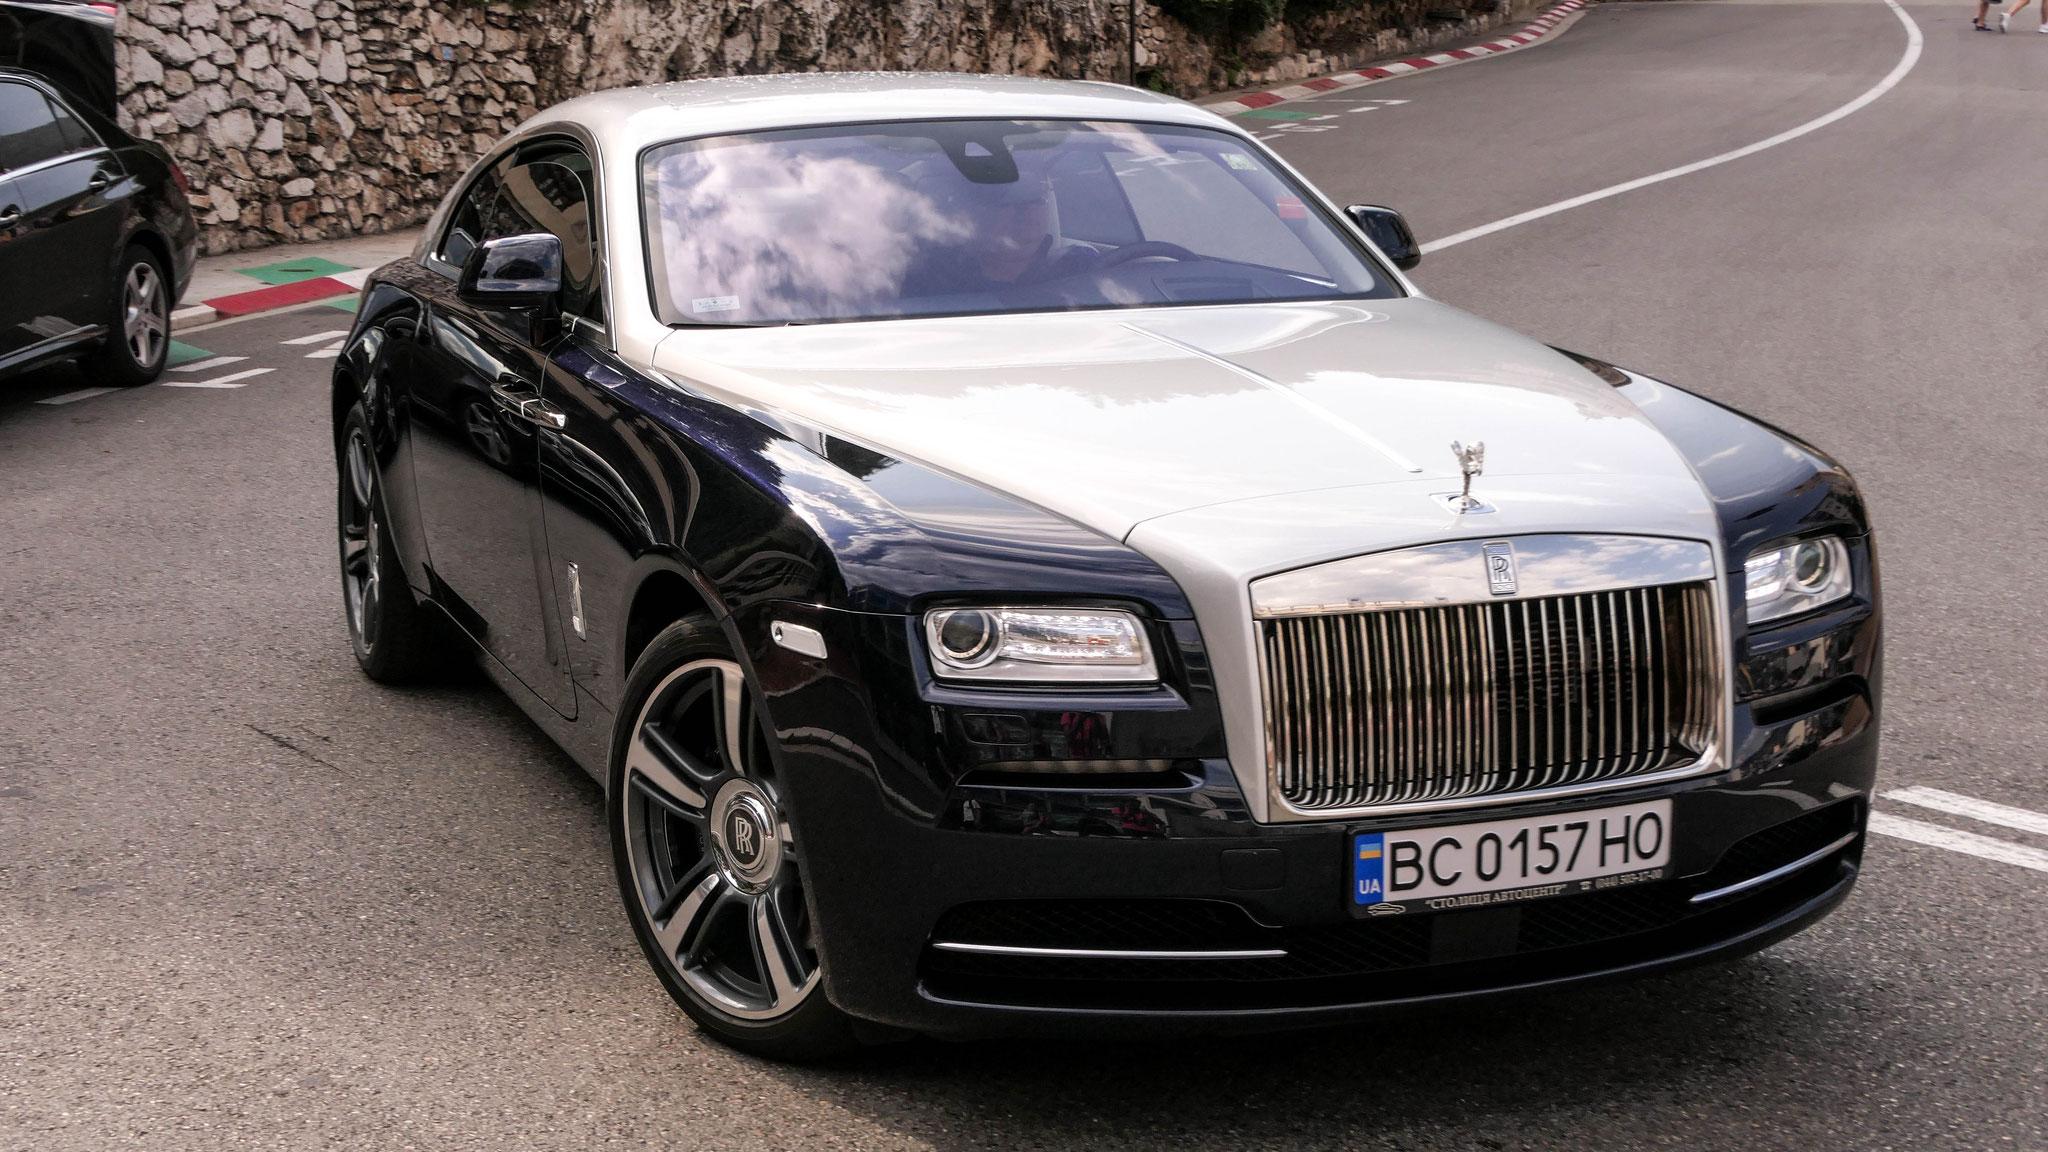 Rolls Royce Wraith - BC-0157-HO (UA)